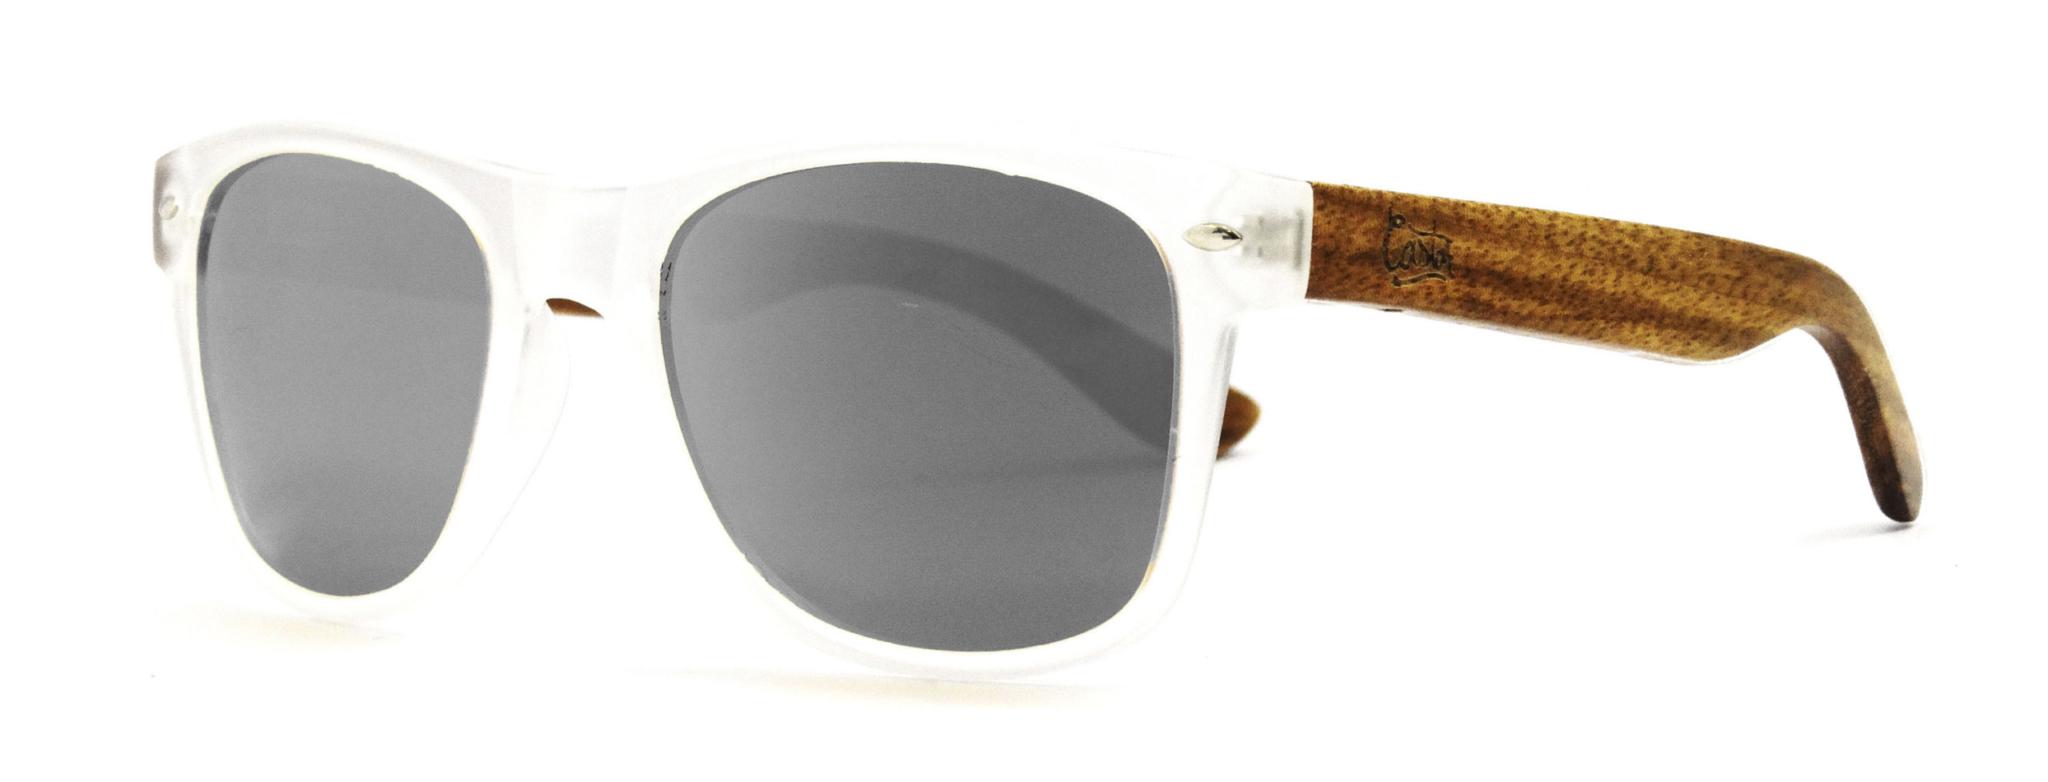 cafa903f-92b-gafas-de-sol